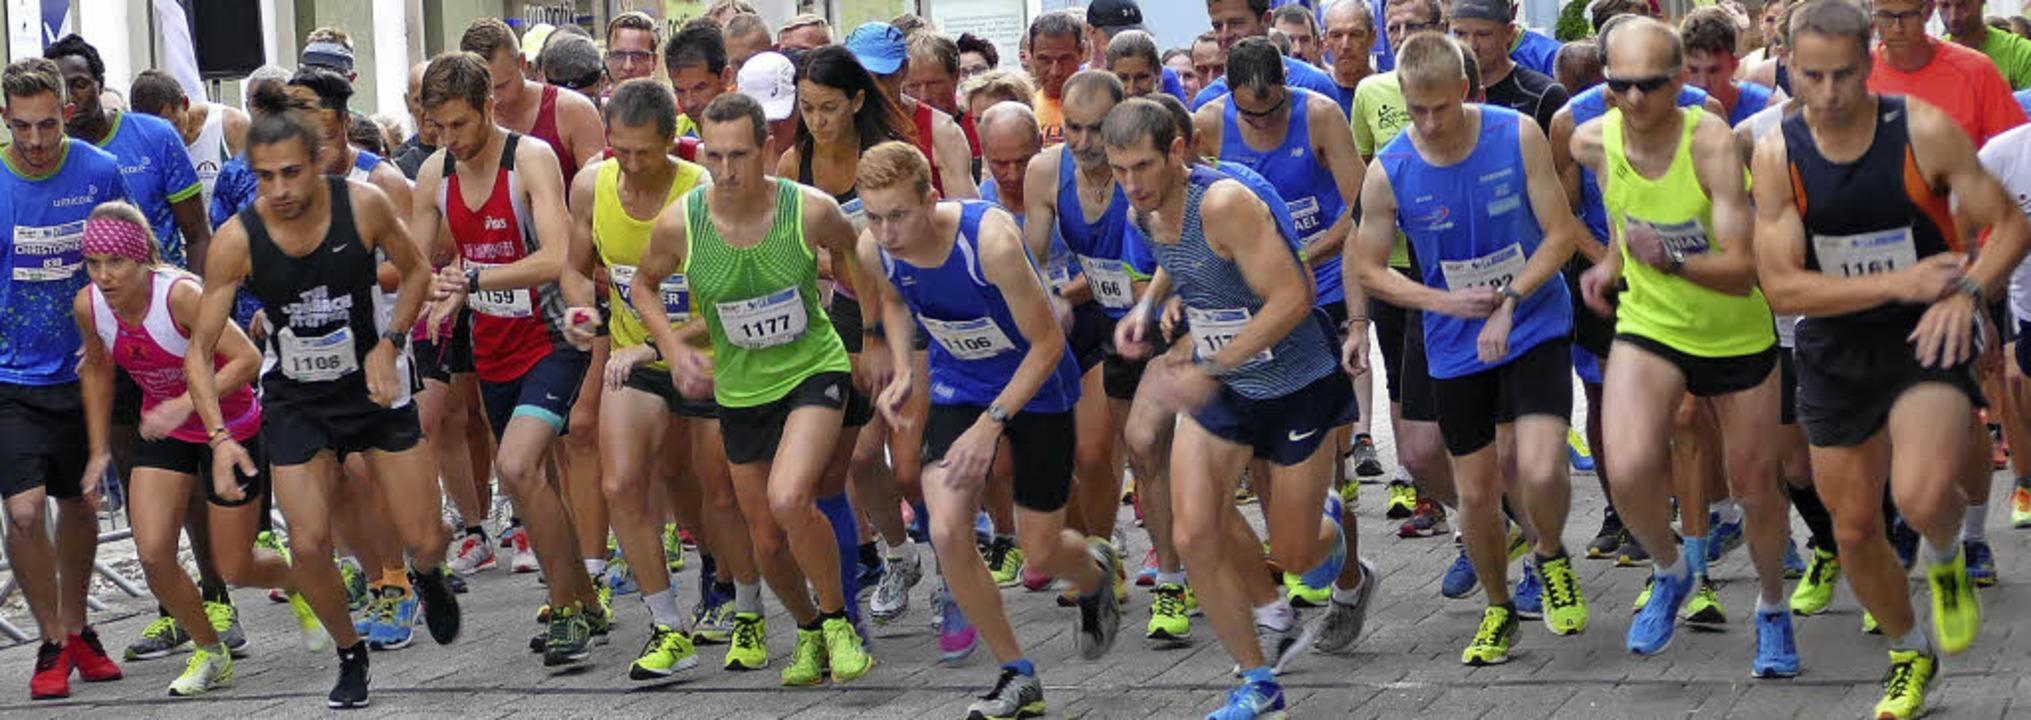 Beim Grand Prix starteten viele Läufer...eq und Jeannine Kaskel (Bilder unten)   | Foto: DAvid rutschmann